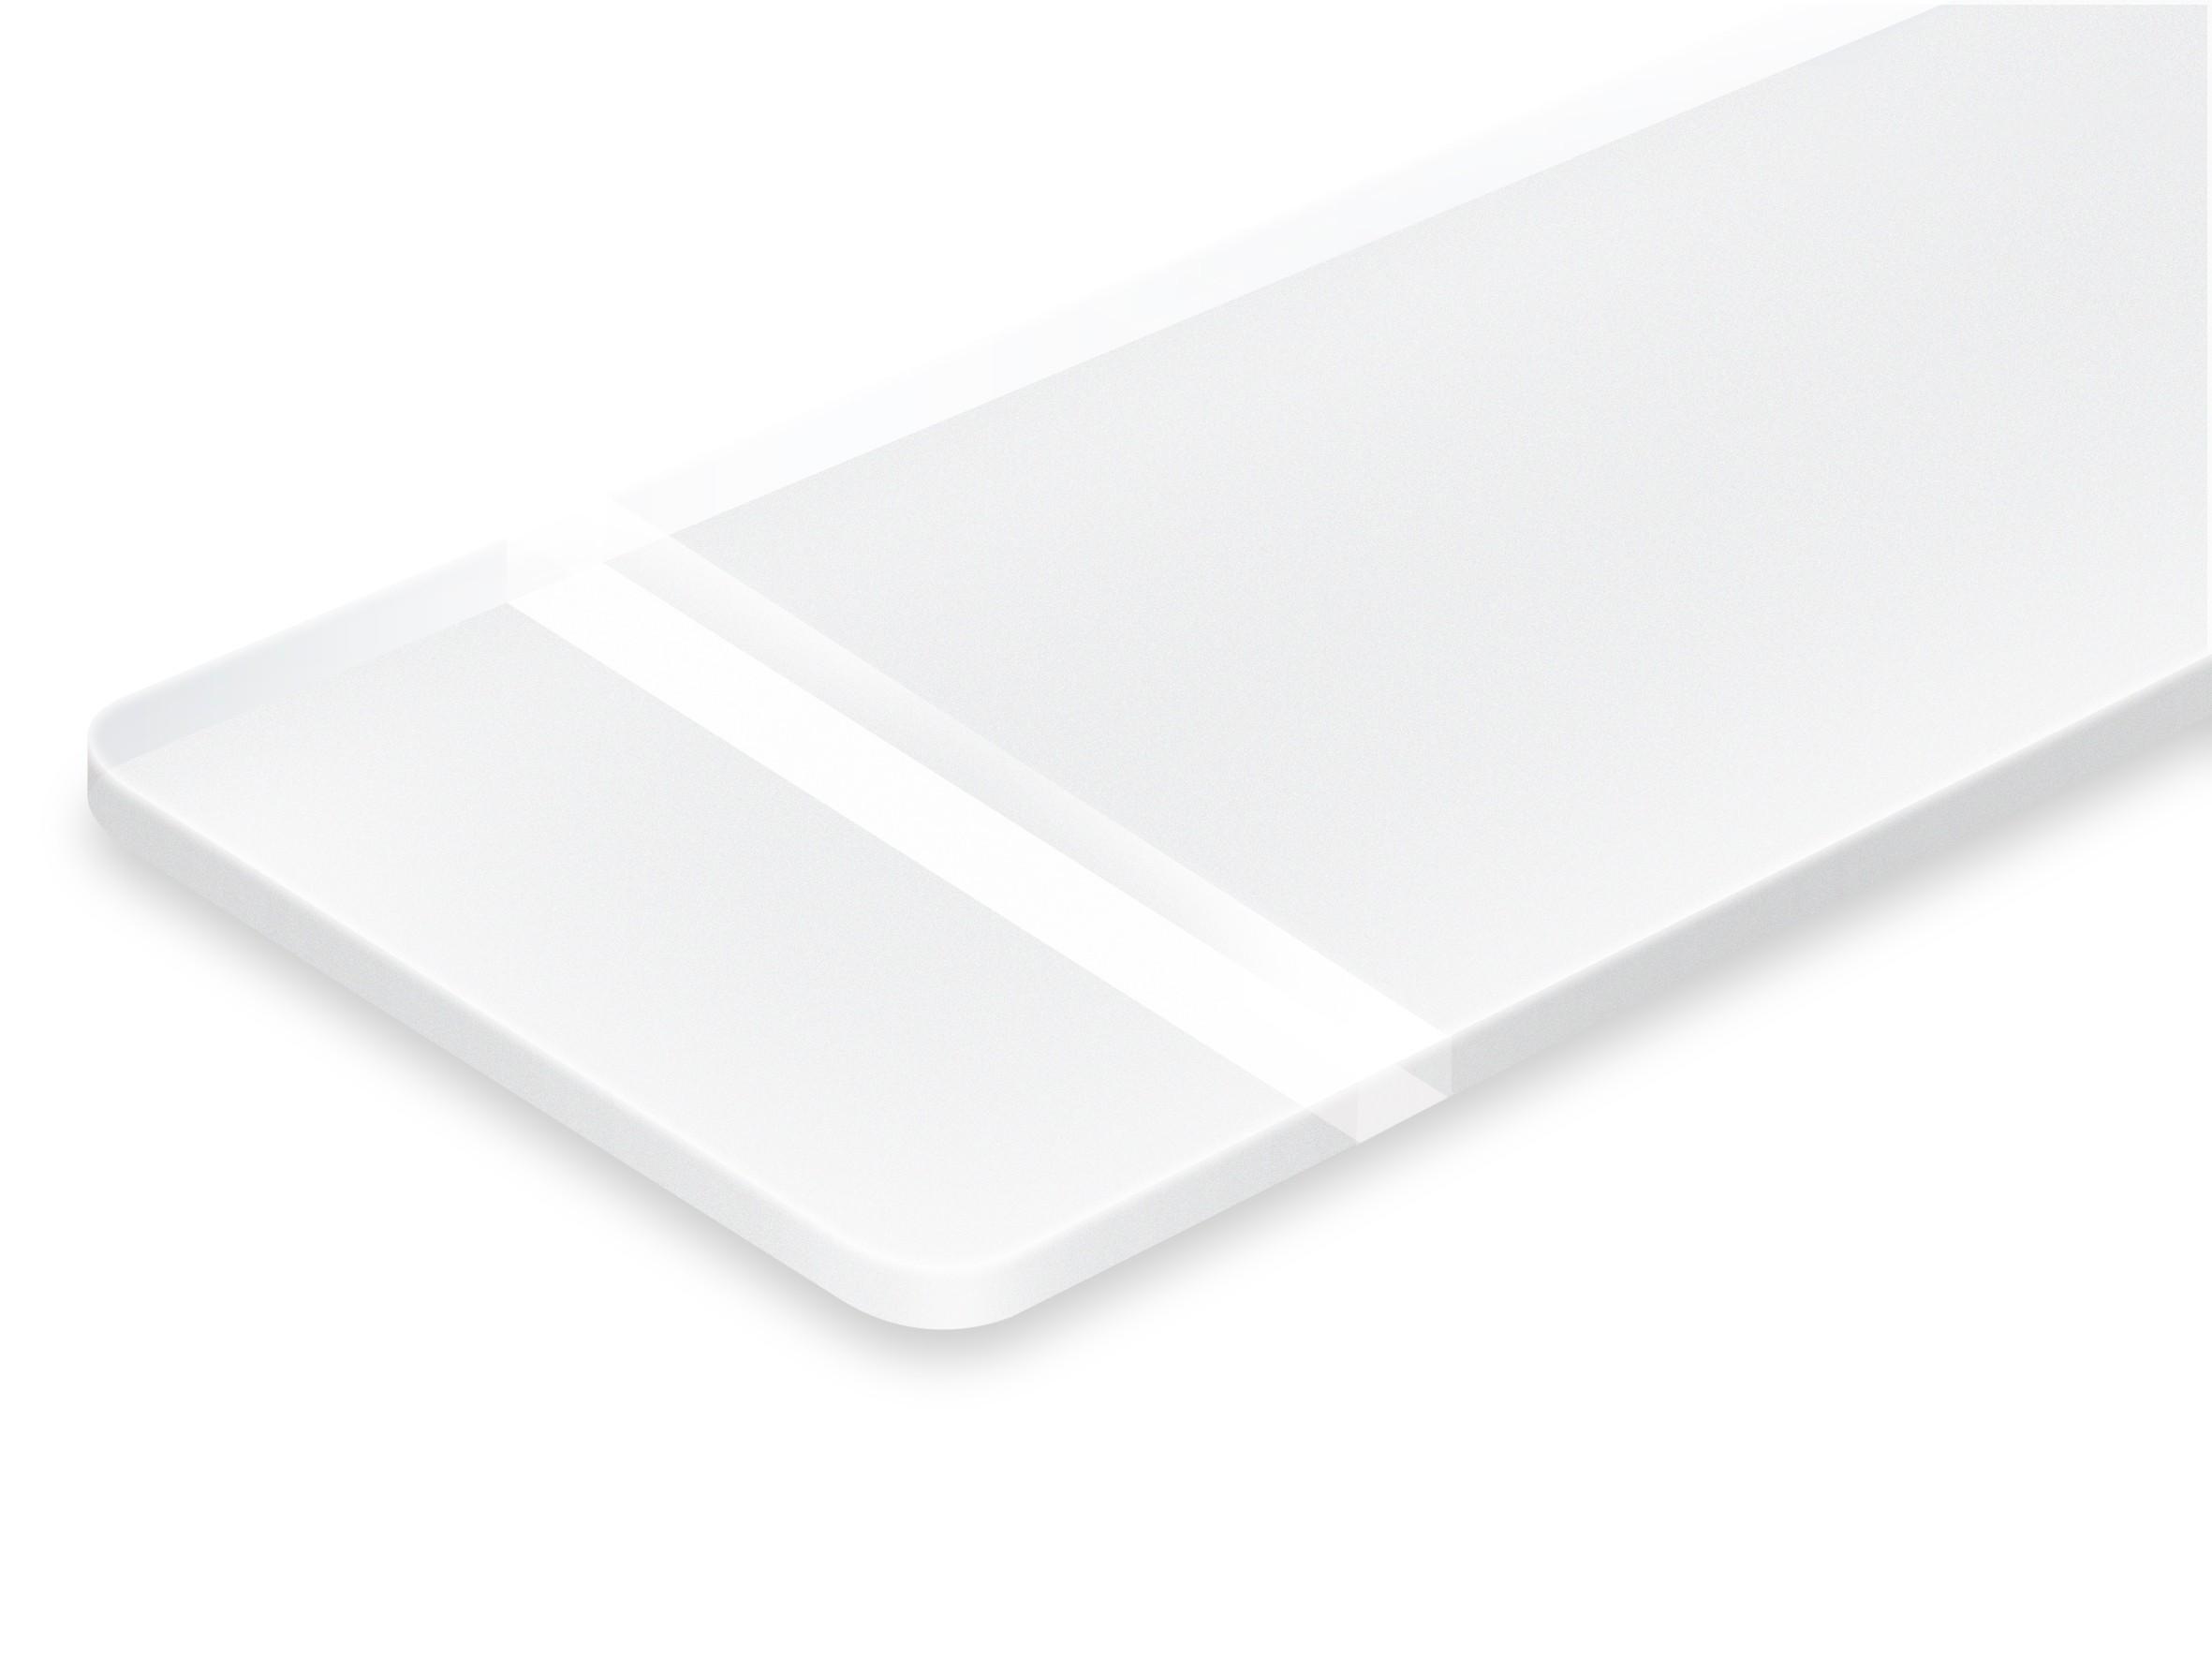 LR201-202 Weiß 0,5mm